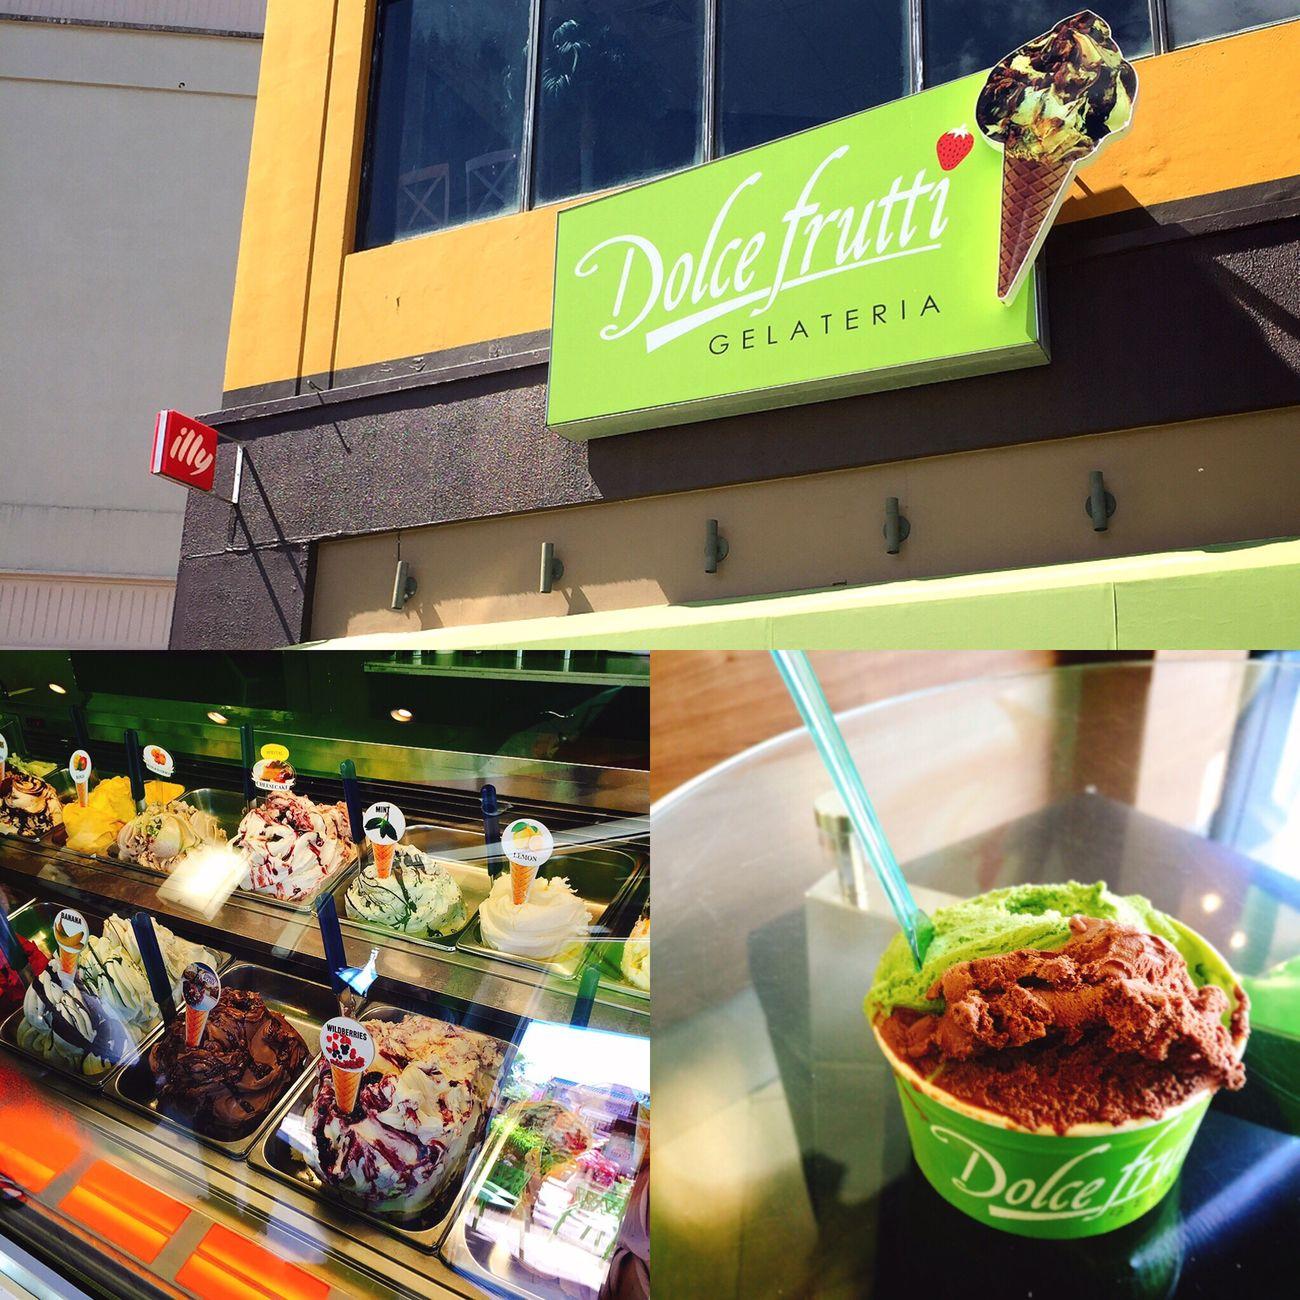 Hafa Adai! 最後のクーポン券を使うべく、てくてく歩いて向かった先は、アイスクリーム屋さん♡ 作りたての絶品ジェラートが嬉しい【Dolce Frutti ドルチェ・フルッティ】です✧ もひとつ嬉しいことに、ふたつの味が選べるという素敵なクーポン✧ たくさん種類があって迷った〜●´ᆺ`●♪ せっかくだからグアム味のモノを選びたかったけど、お決まりの暑さと歩き疲れで、無難に食べ慣れた味をチョイスしてしまった。泣 ちなみに、チョコレートと抹茶。 ボリューミーさはアメリカンだけど、もう少し味に冒険したかったと後悔… でも、チョコレートも抹茶もシンプルにおいしくて、混ざってもへっちゃらなジェラートでした✧ これがクーポンで食べれるなんて、最高じゃないか!✧ おじさま店主さんもやさしい日本語対応なので、良い良い♪ ただ、クーポンだけでこのボリュームとおいしさに、ちょっぴり申し訳ないような気もしたので、帰りにレジにあったビンにチップを入れて(ごちそうさまの気持ち)お店をあとにしました。 さてと。 てくてく来た道を戻りましょうか。 まだ、クーポン残ってるので。笑 つづく。 グアム Guam 旅行記 旅行 グアム日記 Dolcefrutti ドルチェフルッティ ジェラート アイスクリーム チョコレート 抹茶